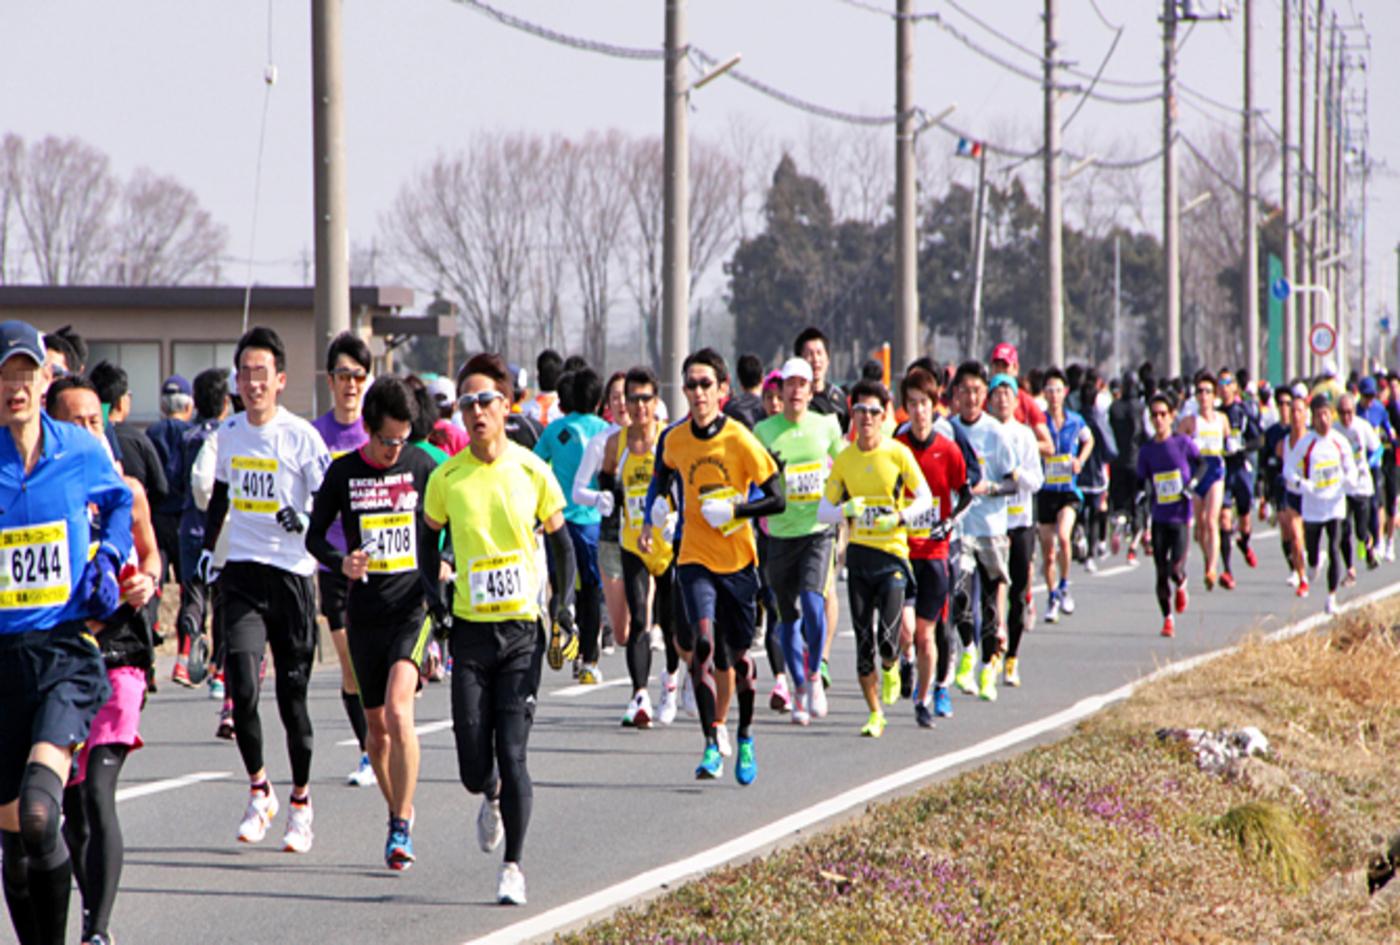 鴻巣パンジーマラソン   埼玉県